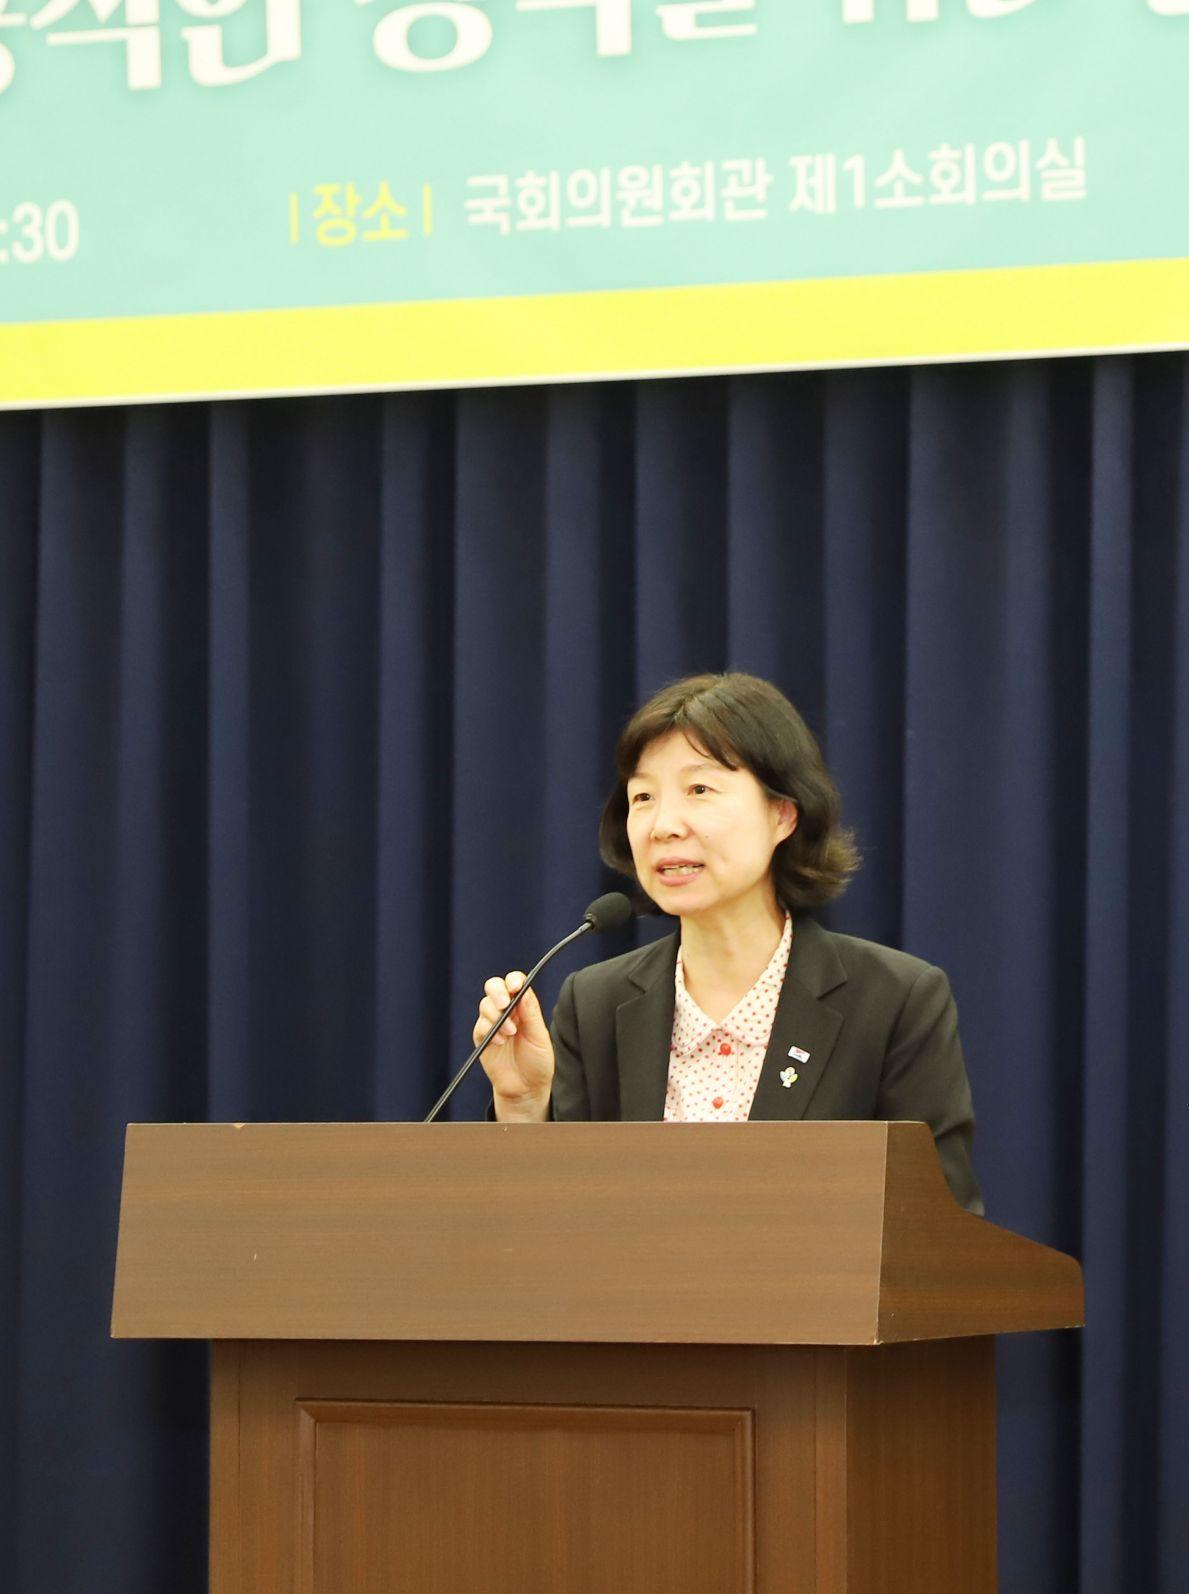 200630 여성이사제 성공적인 정착을 위한 현실적 필요사항과 제도적 개선안 (15).JPG